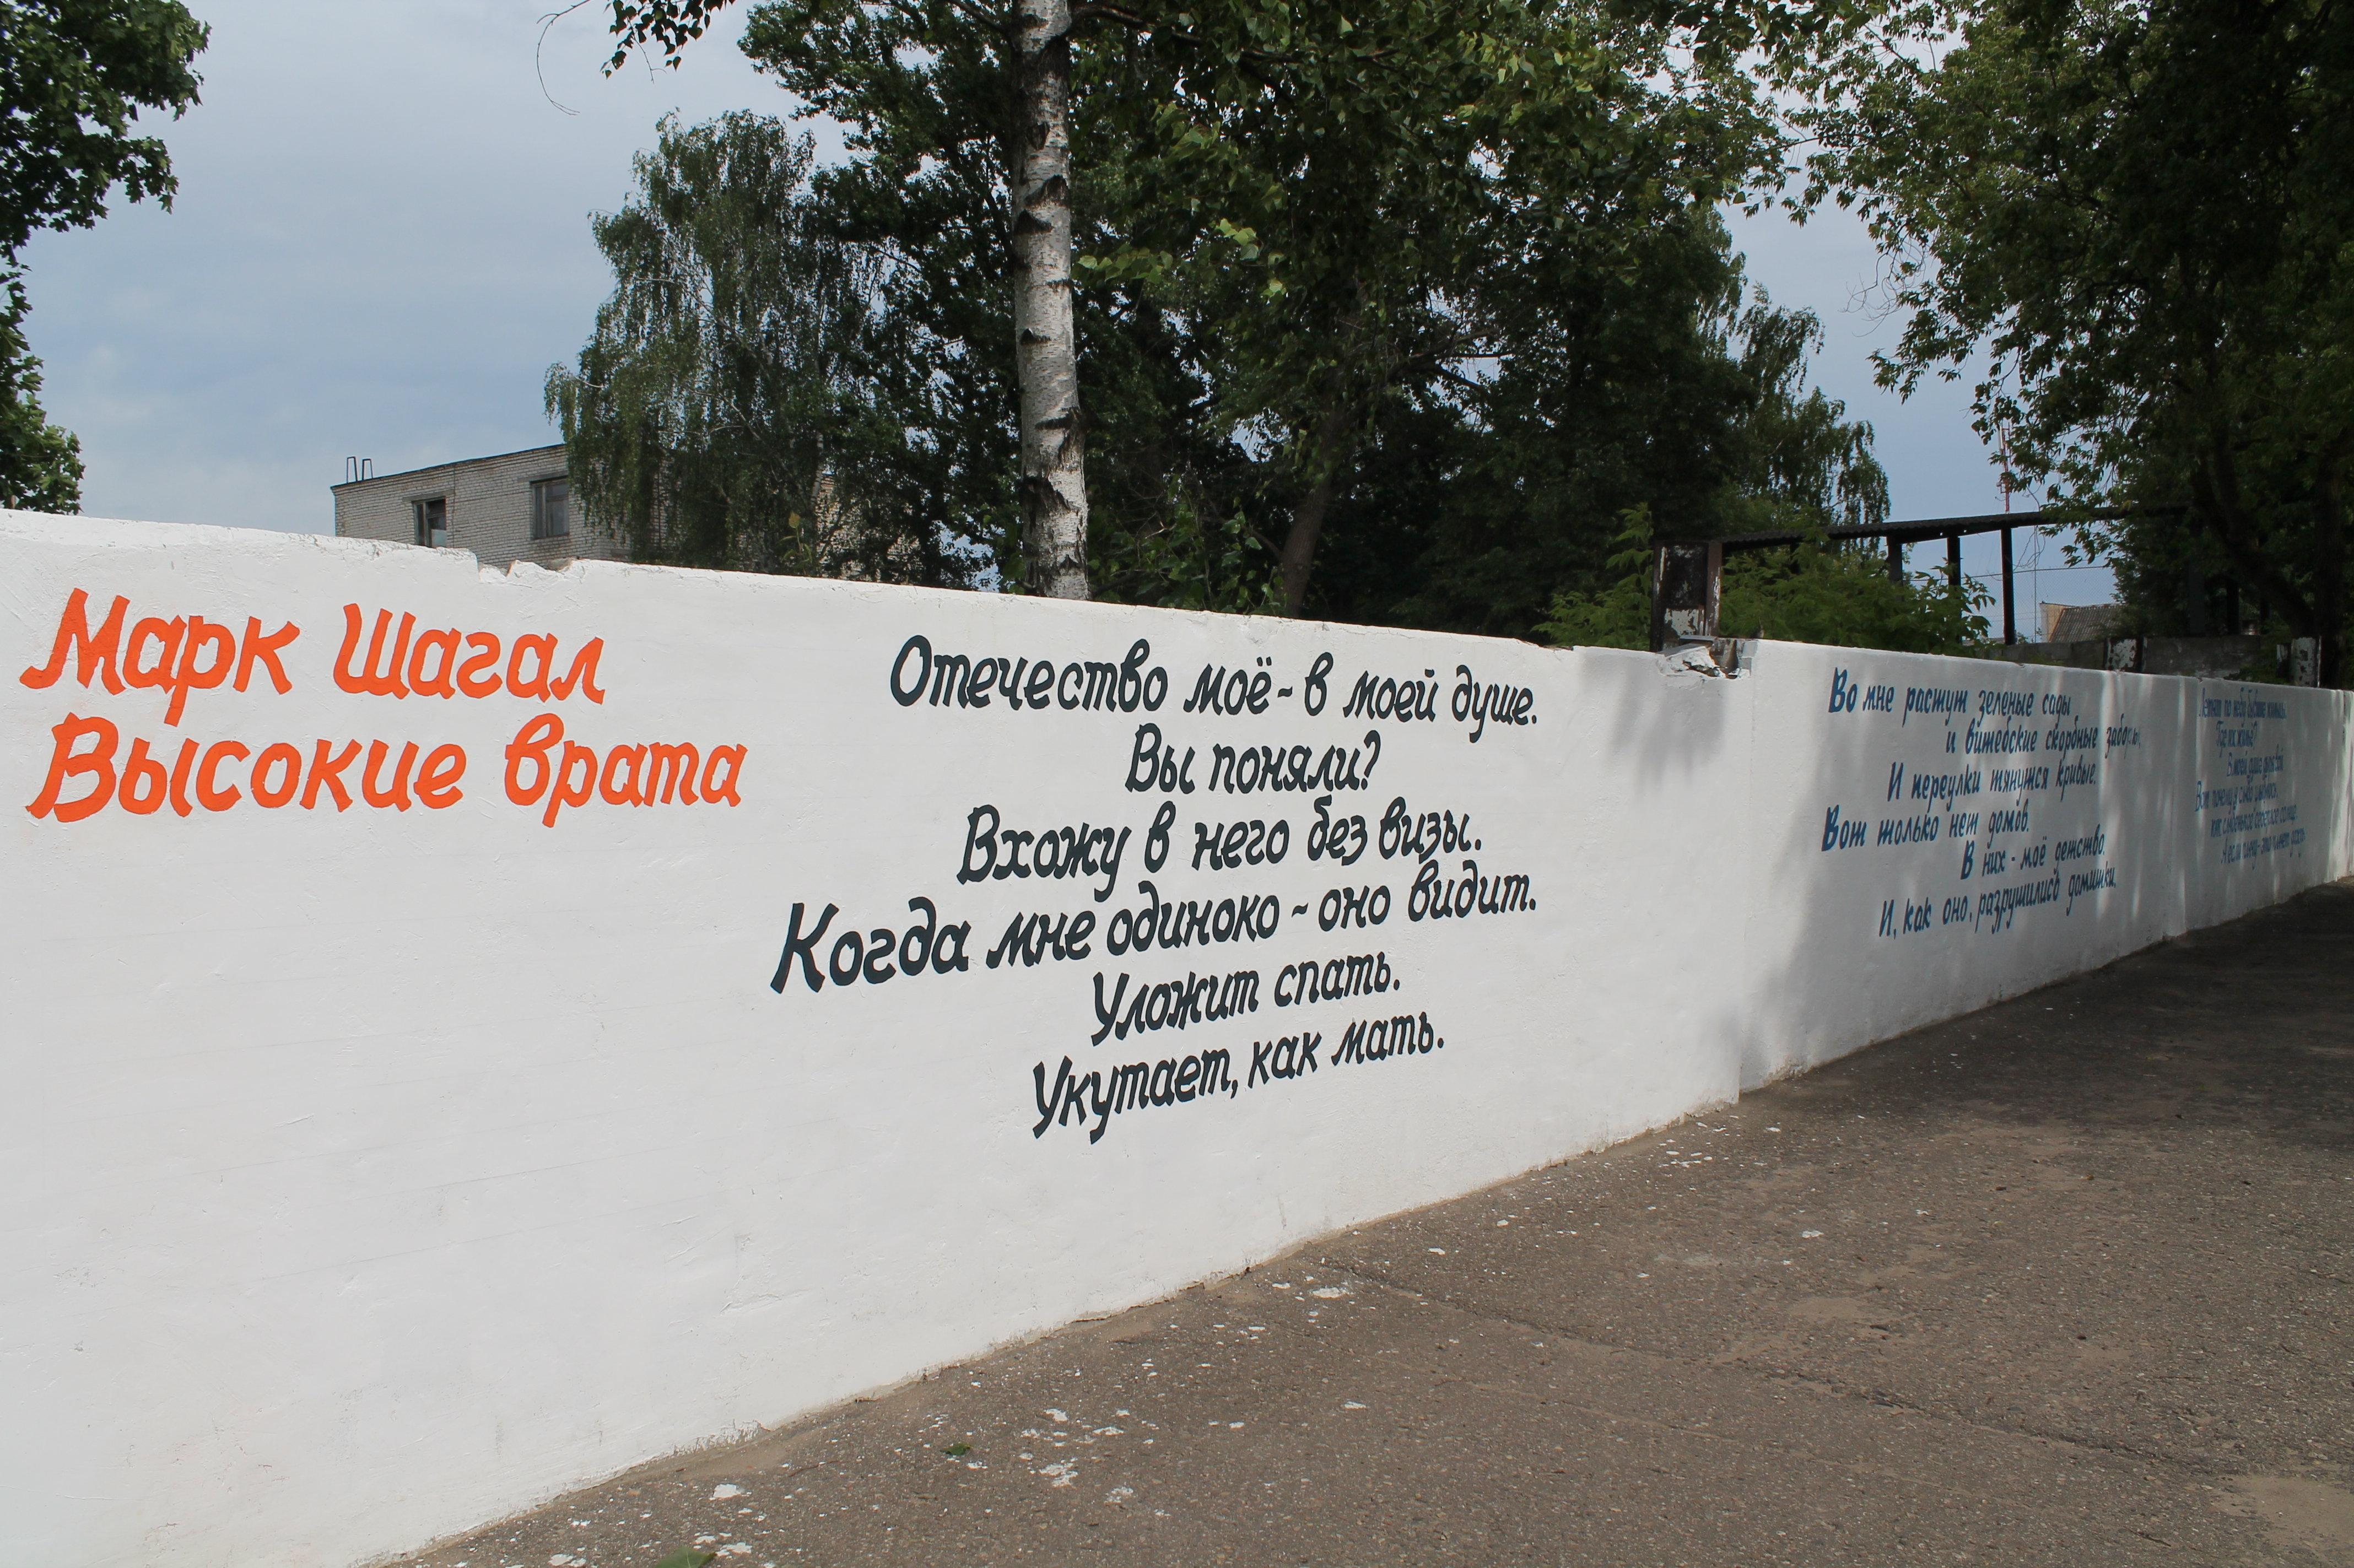 Цитаты из стихов Шагала Высокие Врата в переводе Андрея Вознесенского появились на заборах по Покровской улице к 130-летию художника